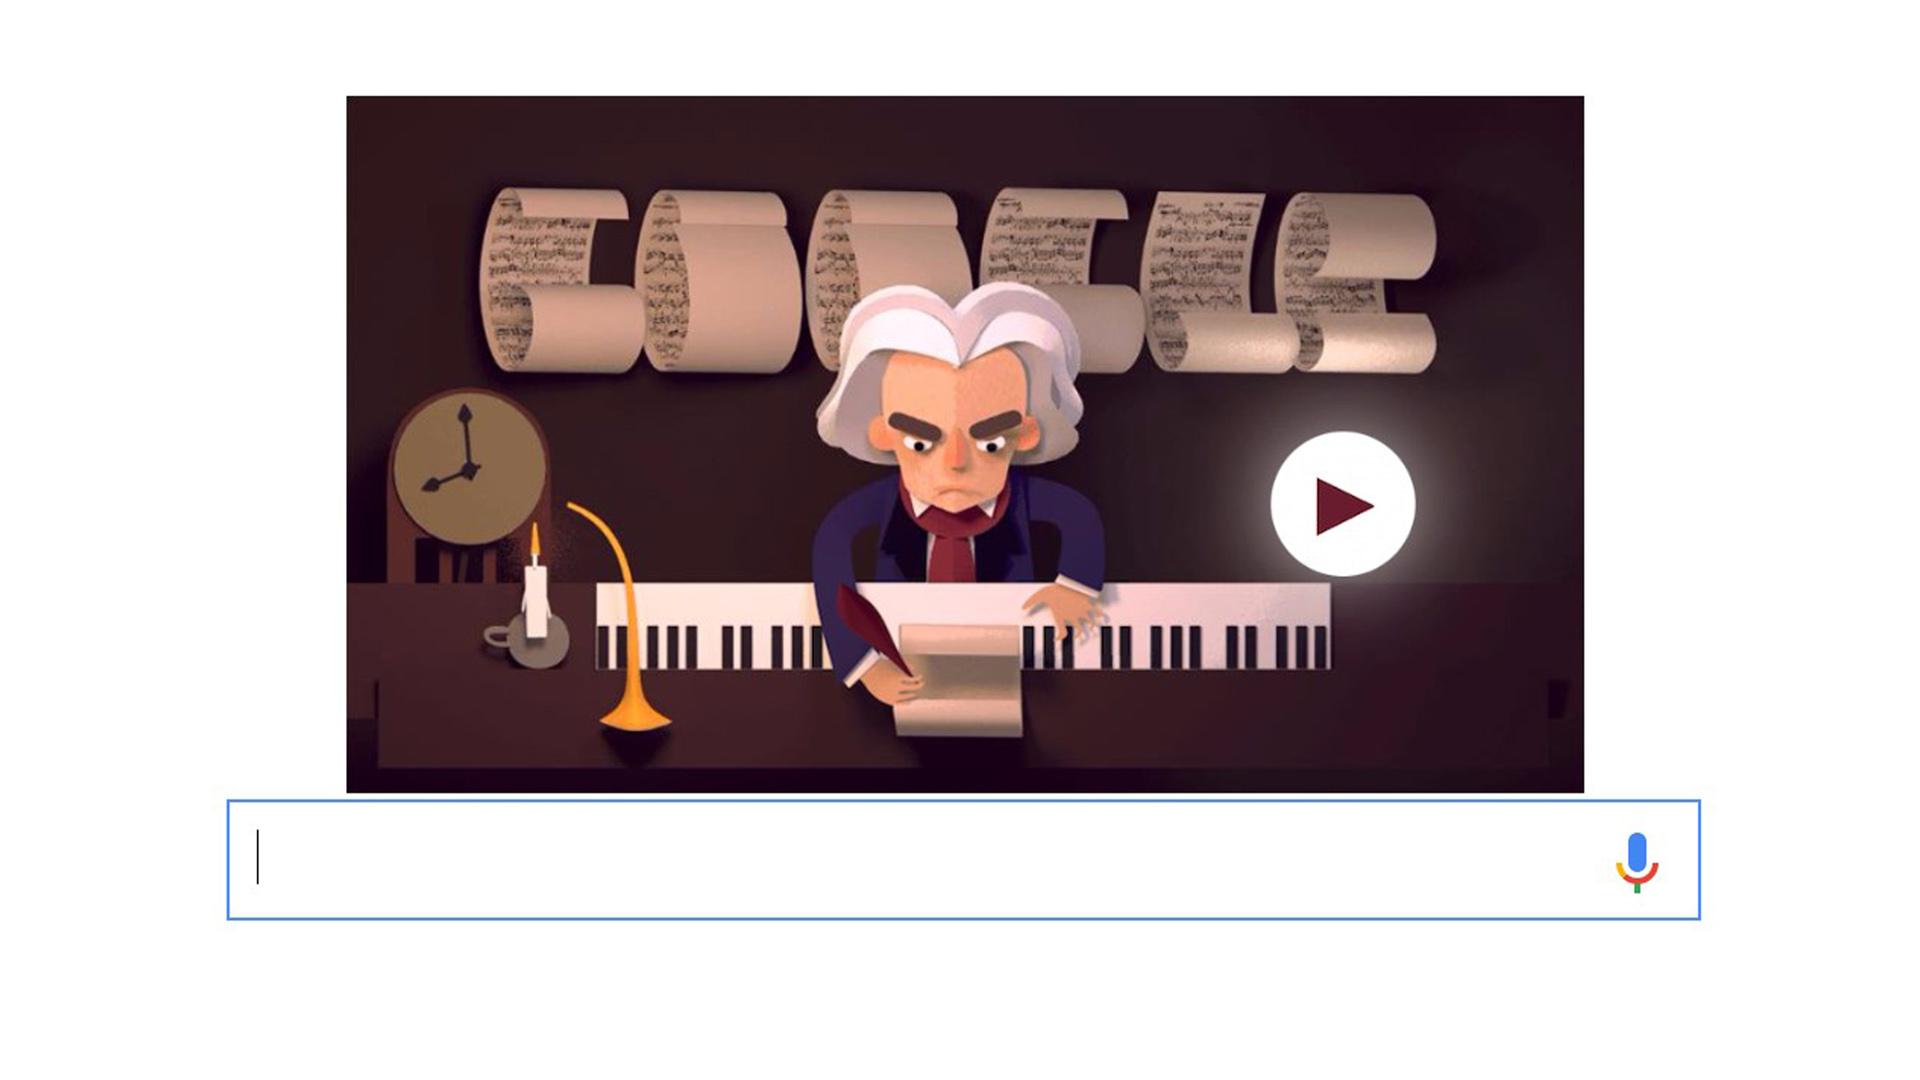 El gigante de los buscadores le dedicó un doodle interactivo donde se debe ayudar al músico a rearmar sus partituras